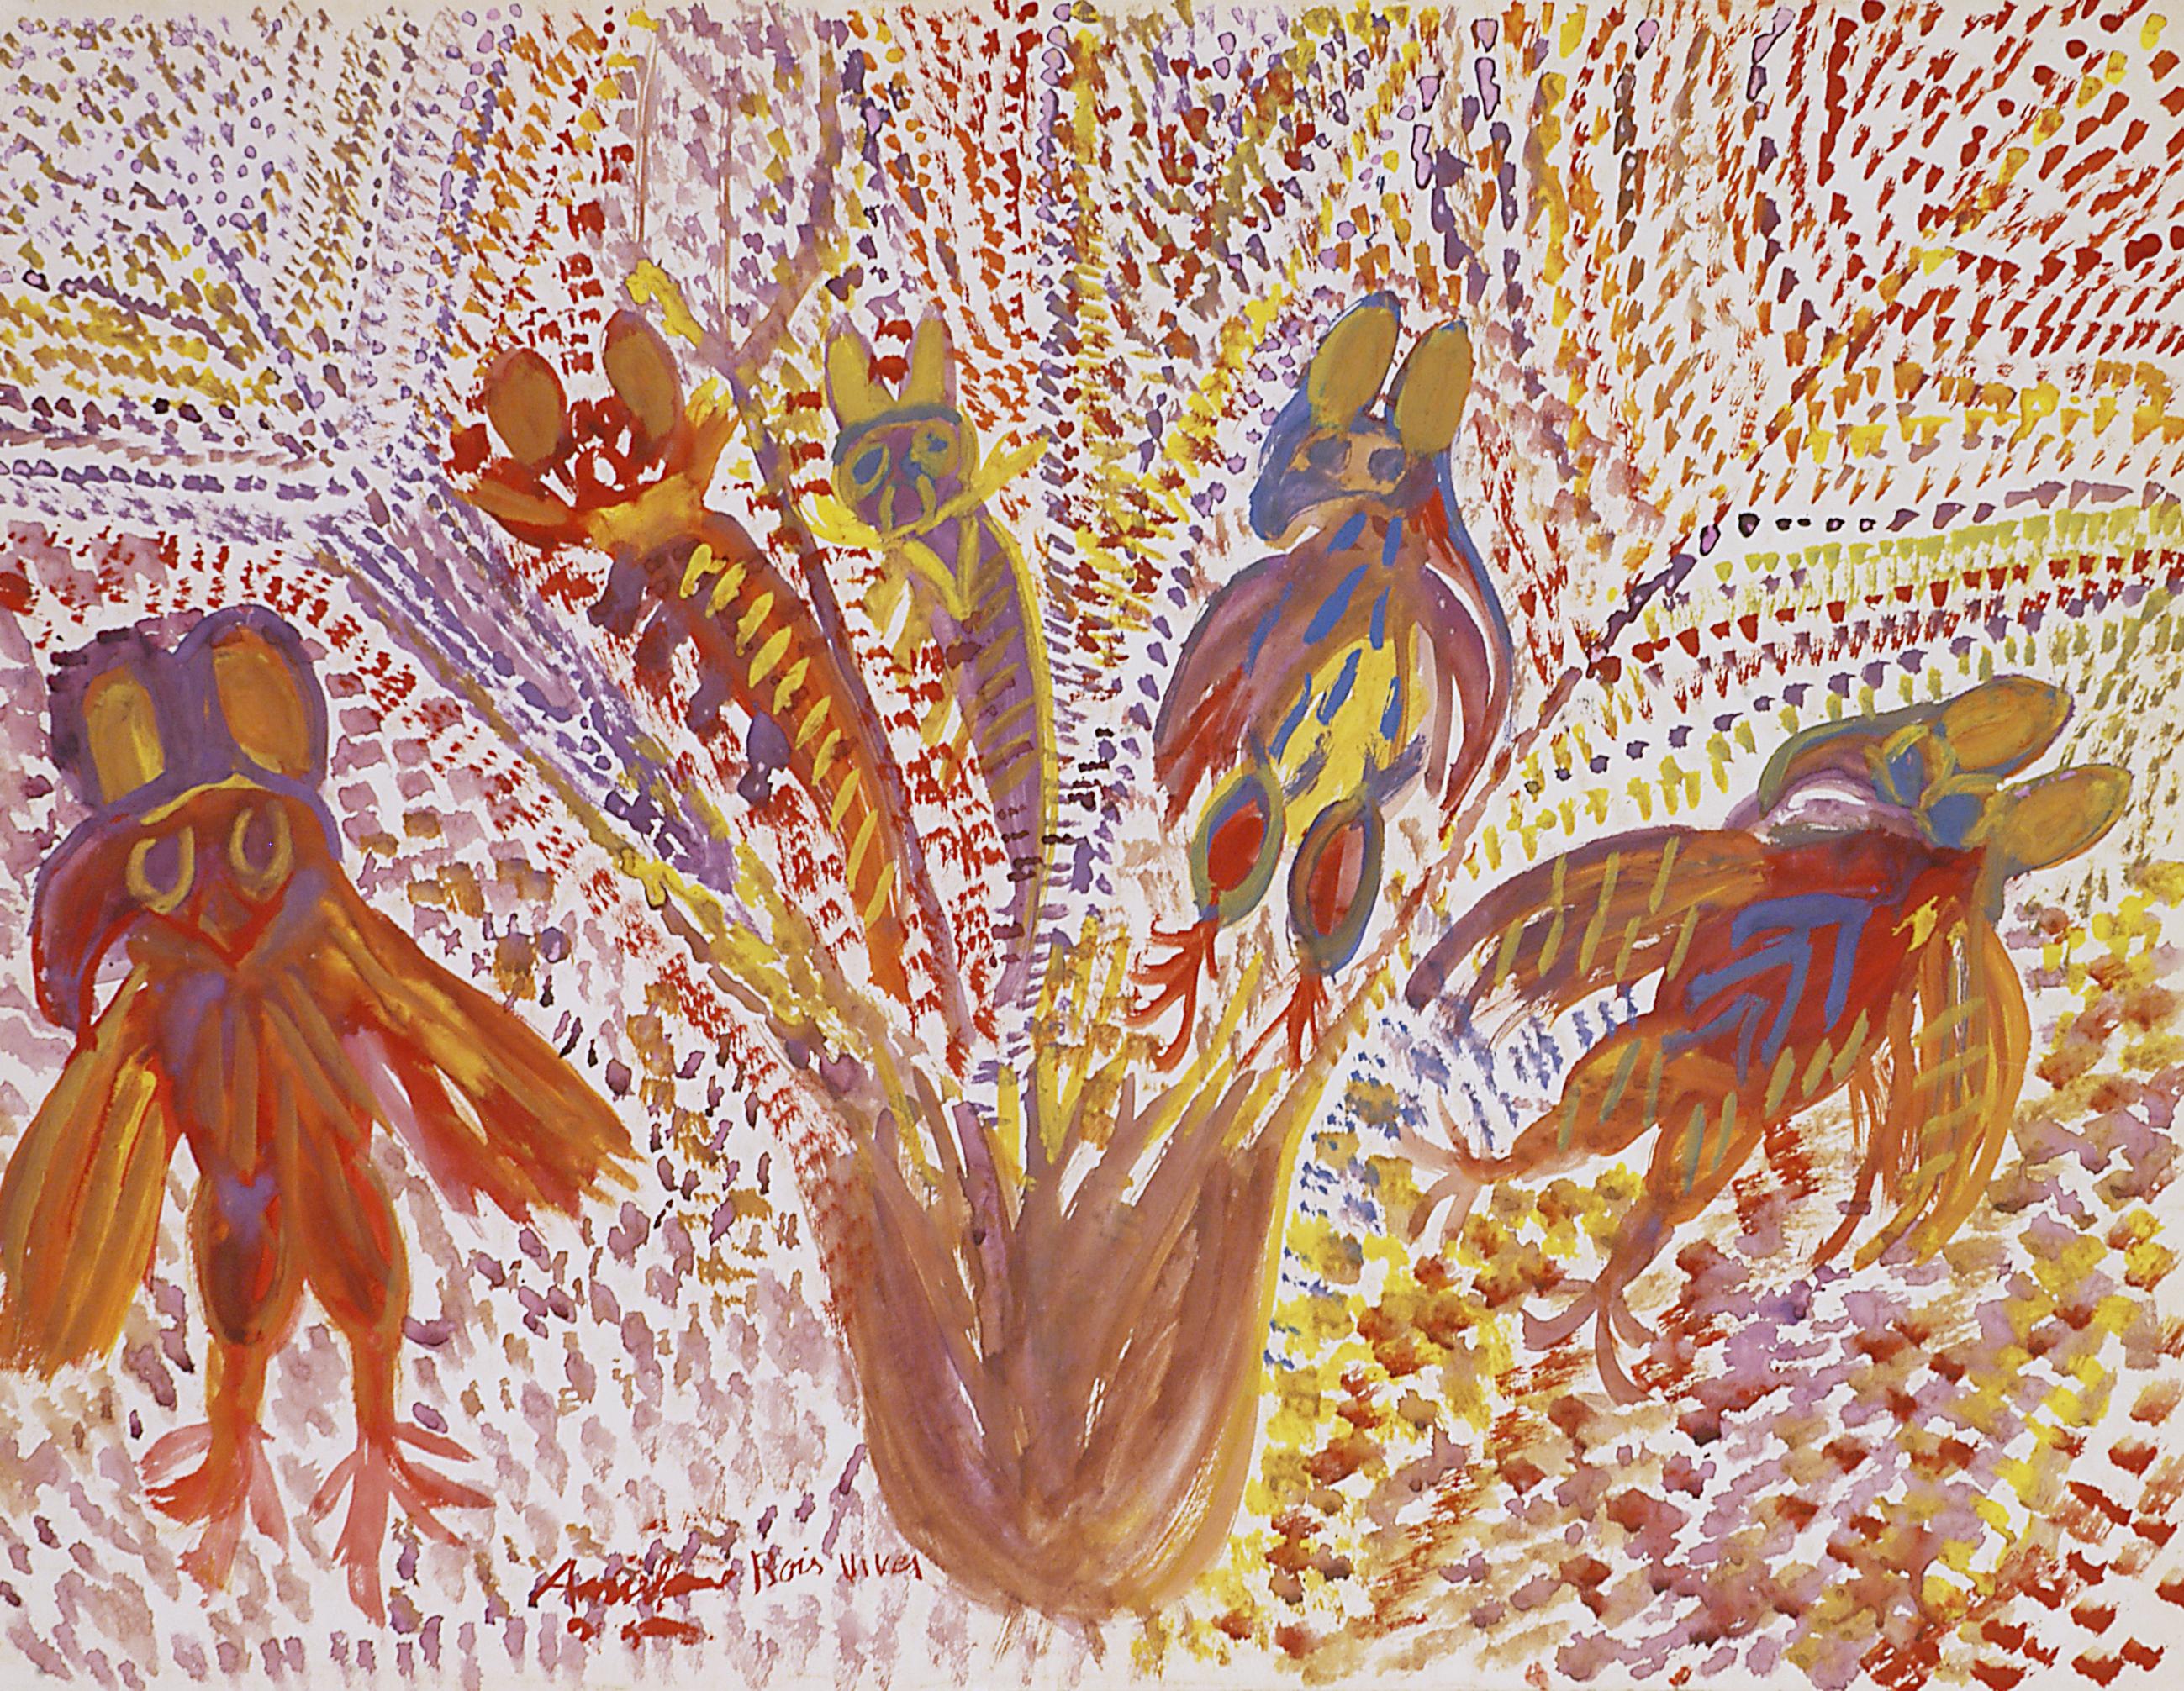 Anselme Boix-Vives, Les Mouches, 1962, Gouache sur papier Canson blanc 49,8 x 64,9 cm